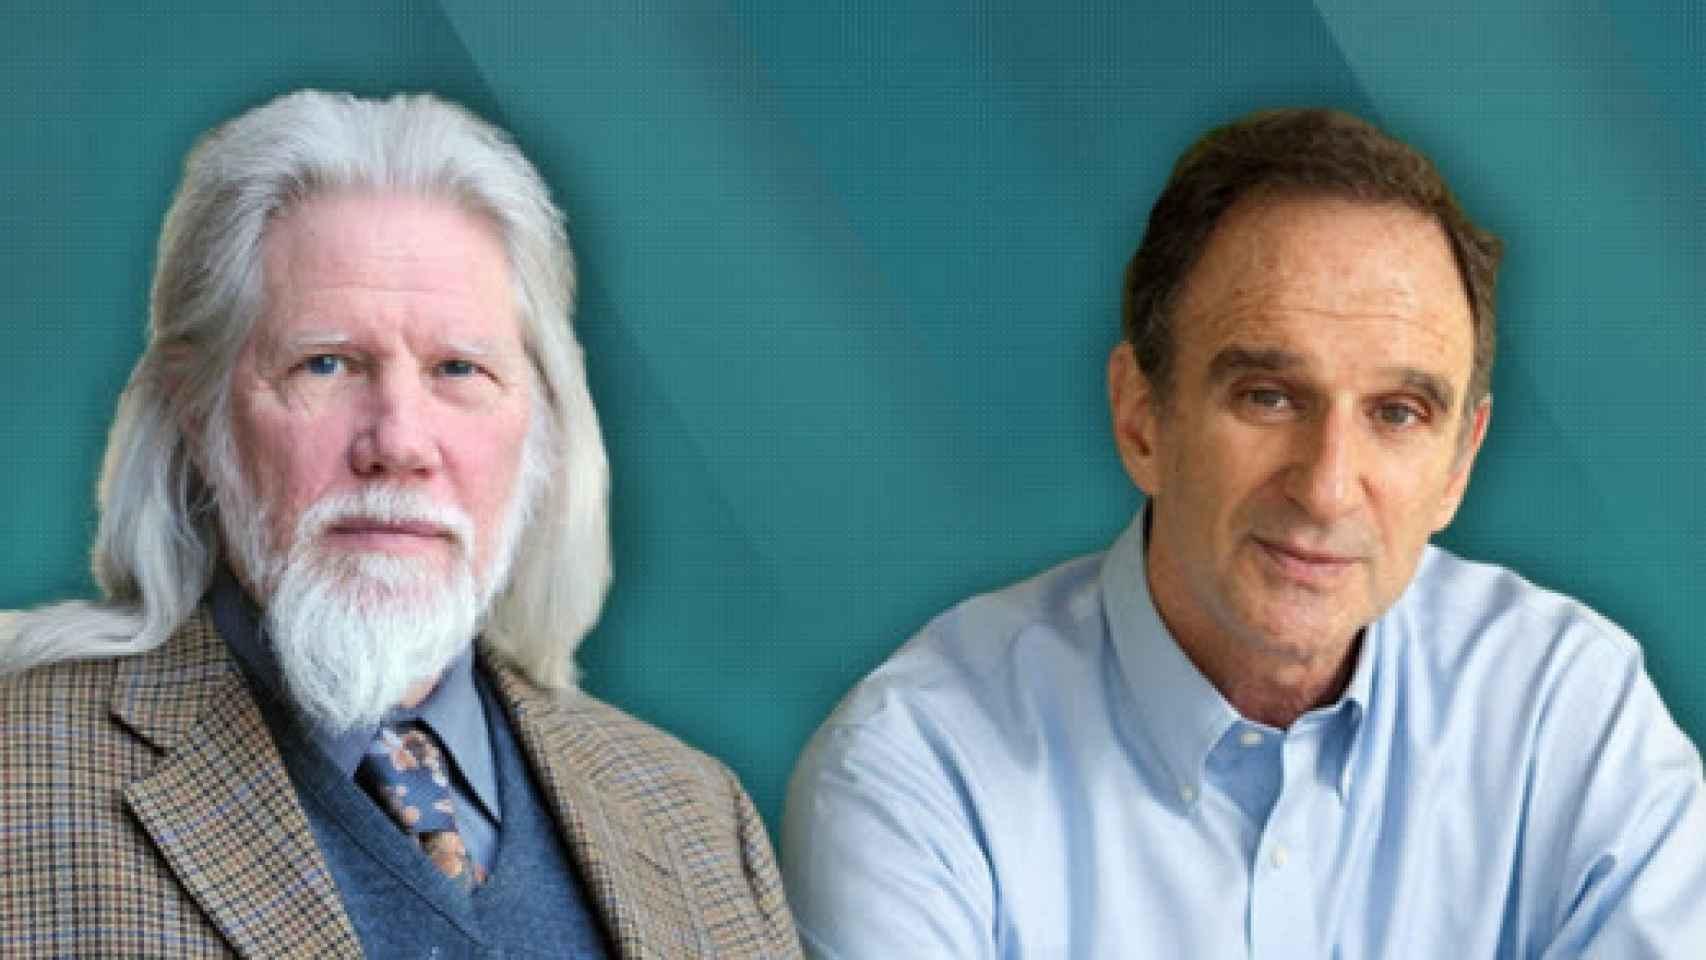 Whitfield Diffie y Martin E. Hellman